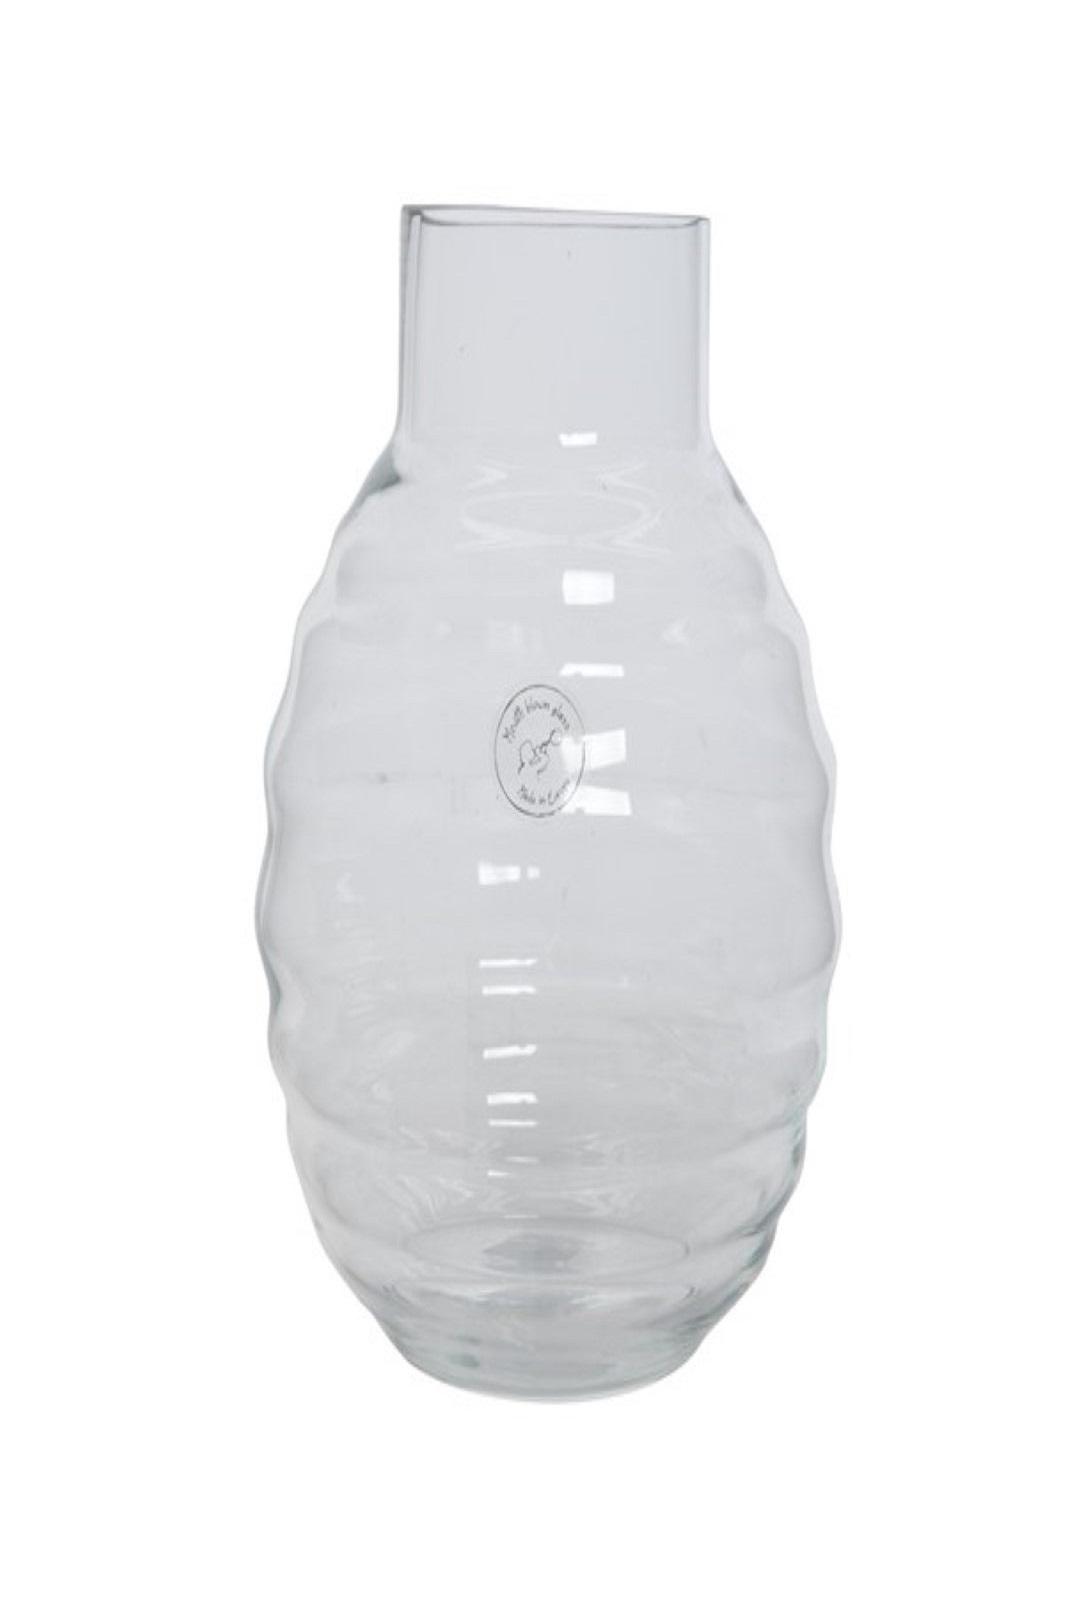 Vase Blumenvase Glas mundgeblasen Ø 20 x 25 cm